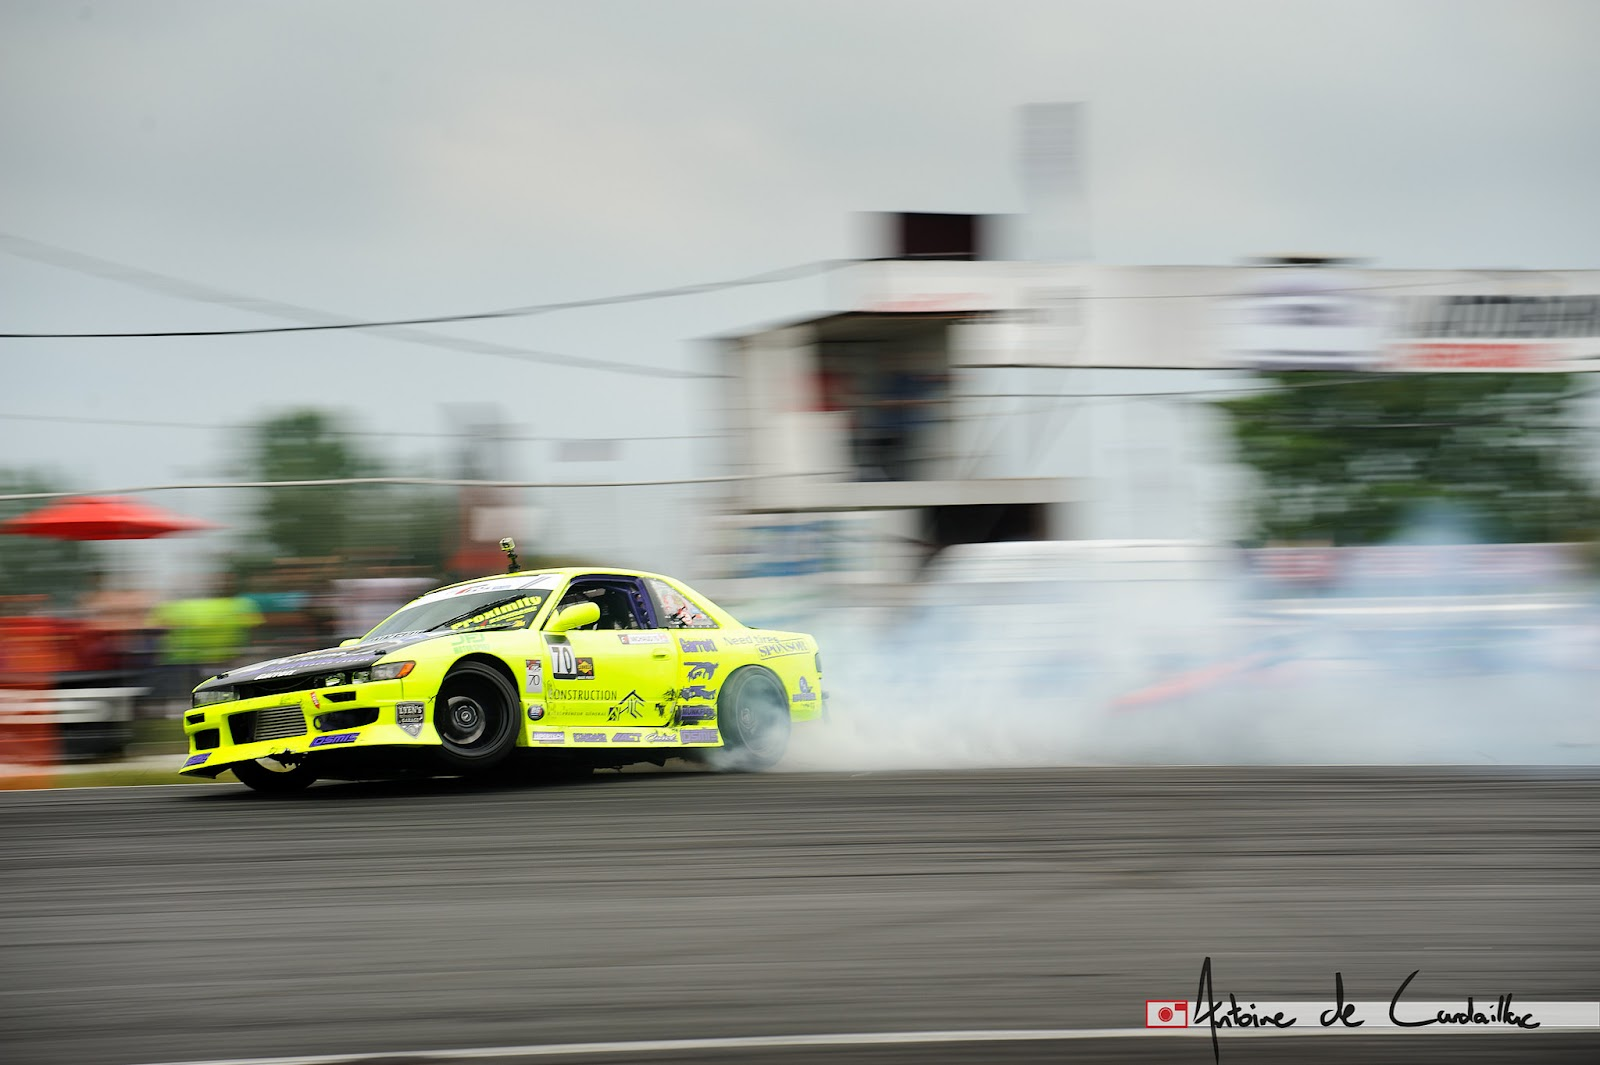 Nissan Silvia S13, najlepsze samochody do driftu, latanie bokiem, RWD, JDM, SR20DET, fajne japońskie coupe